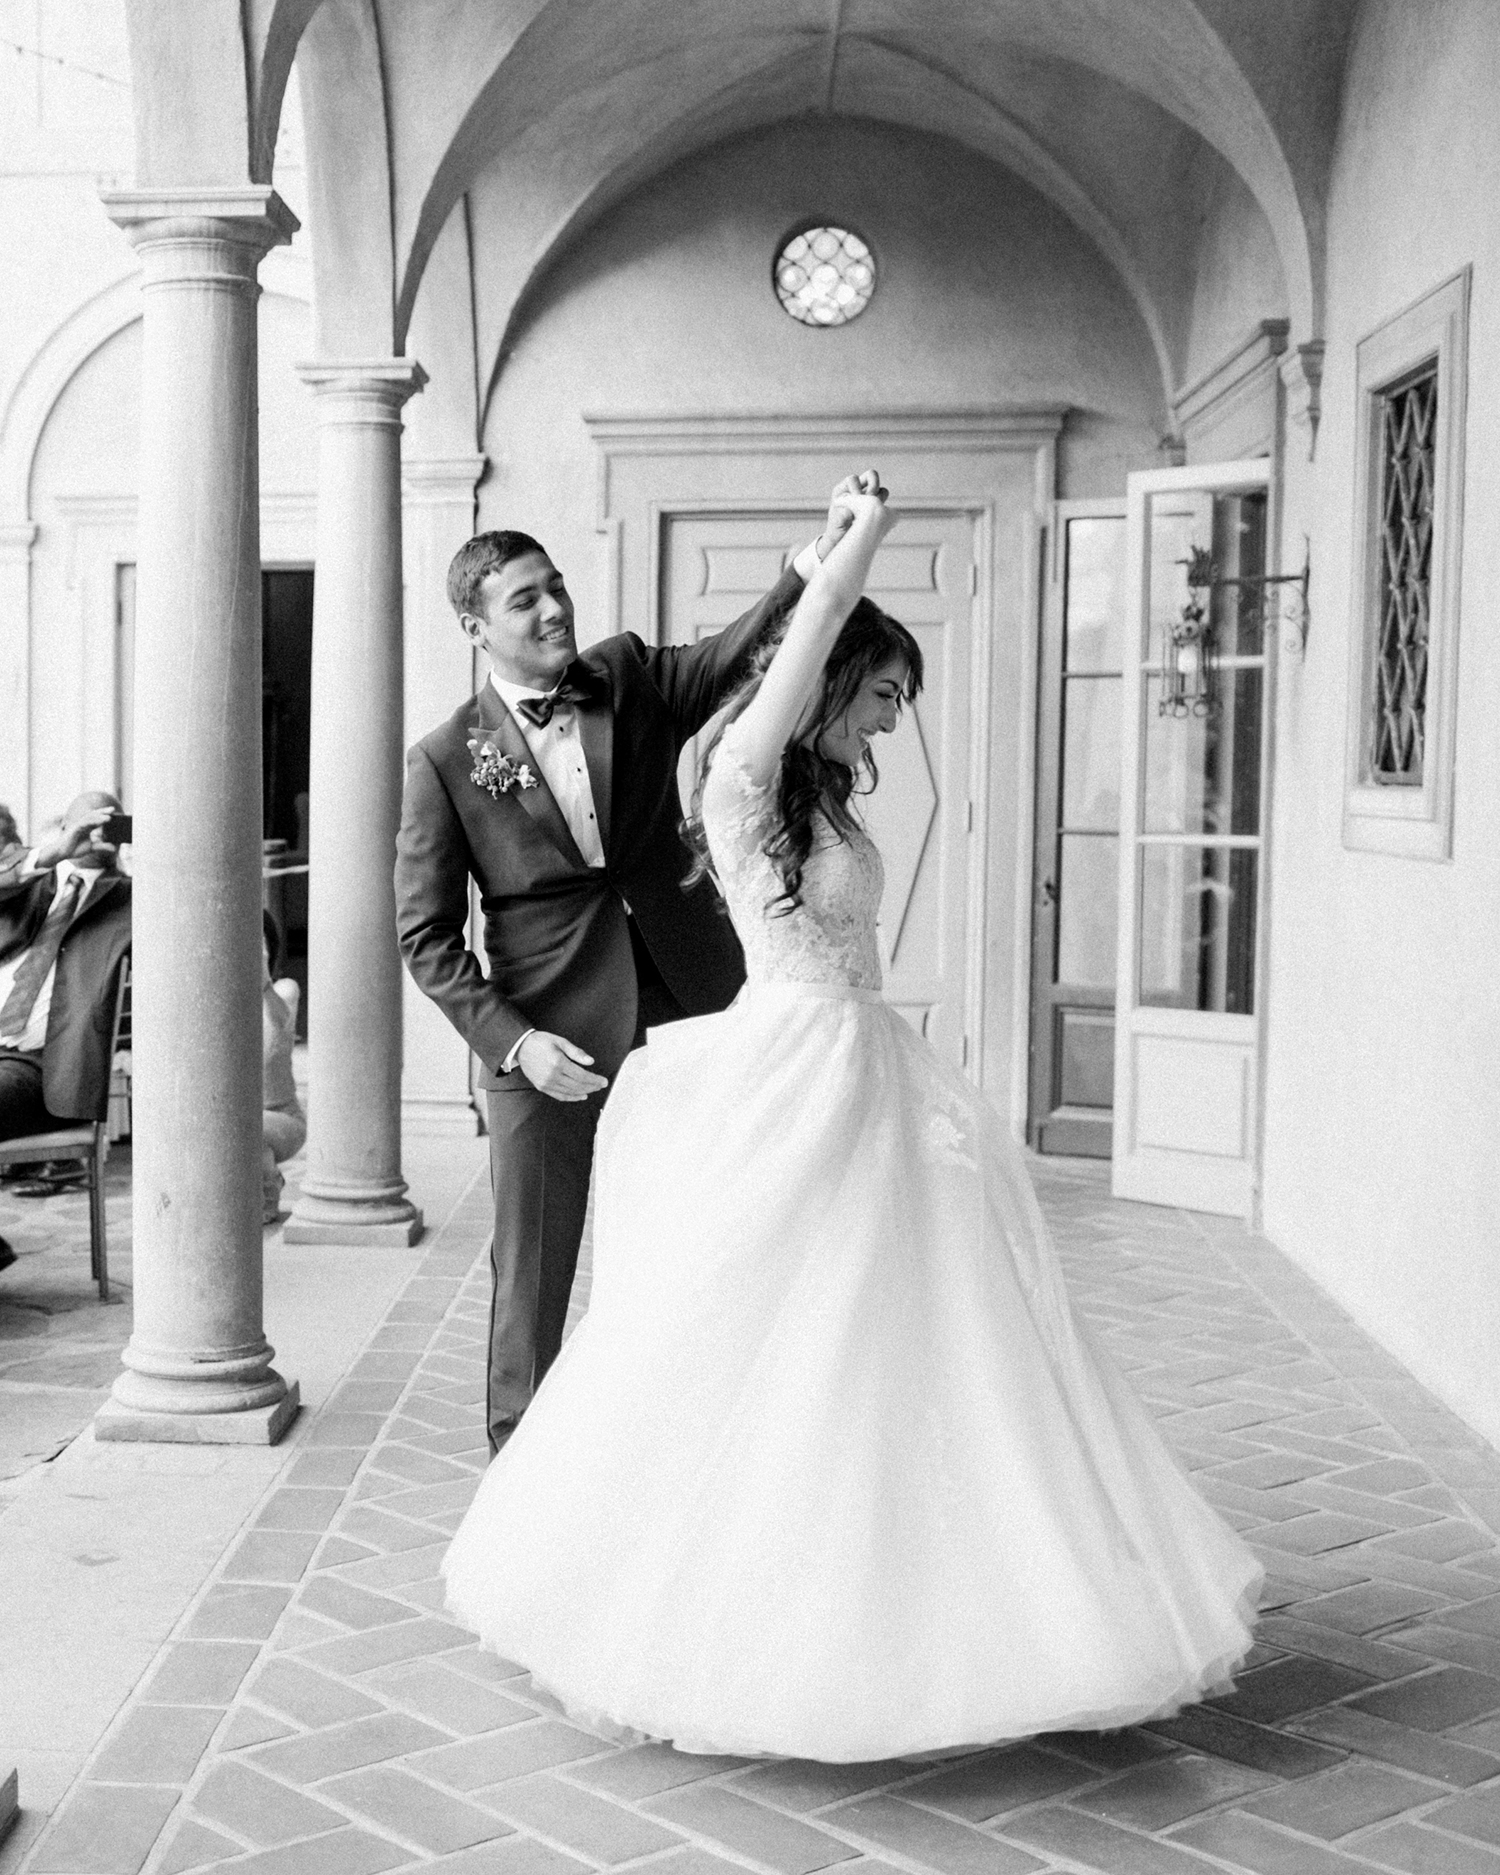 molly josh wedding couple dancing